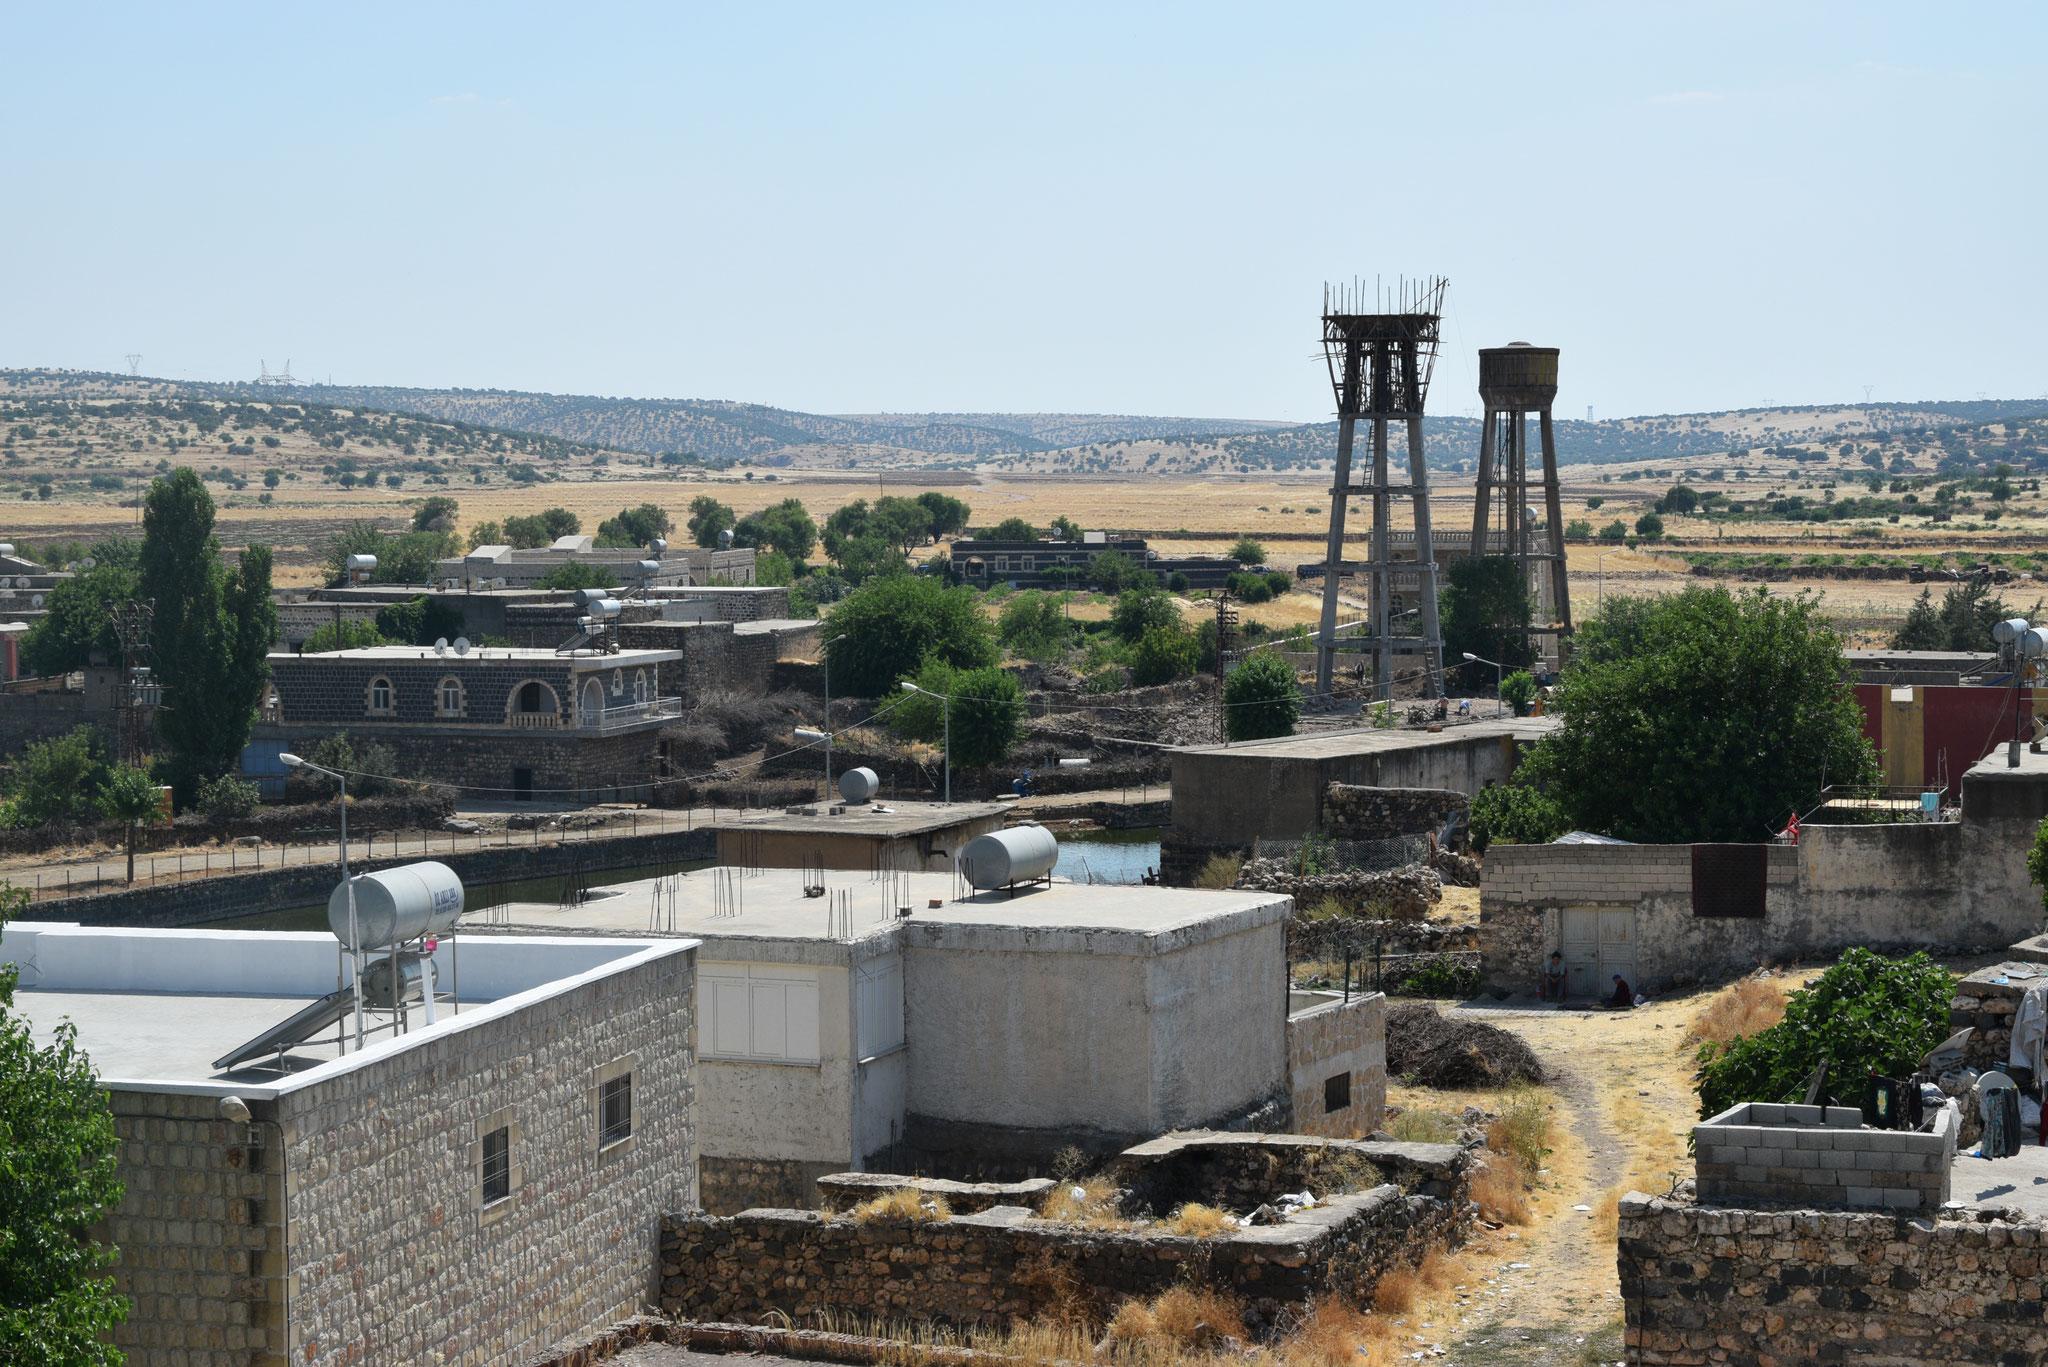 In ca. 30 kleineren Städten und Dörfern im Tur Abdin gibt es heute noch Christen. Das größte christliche Dorf ist hier zu sehen: Midun